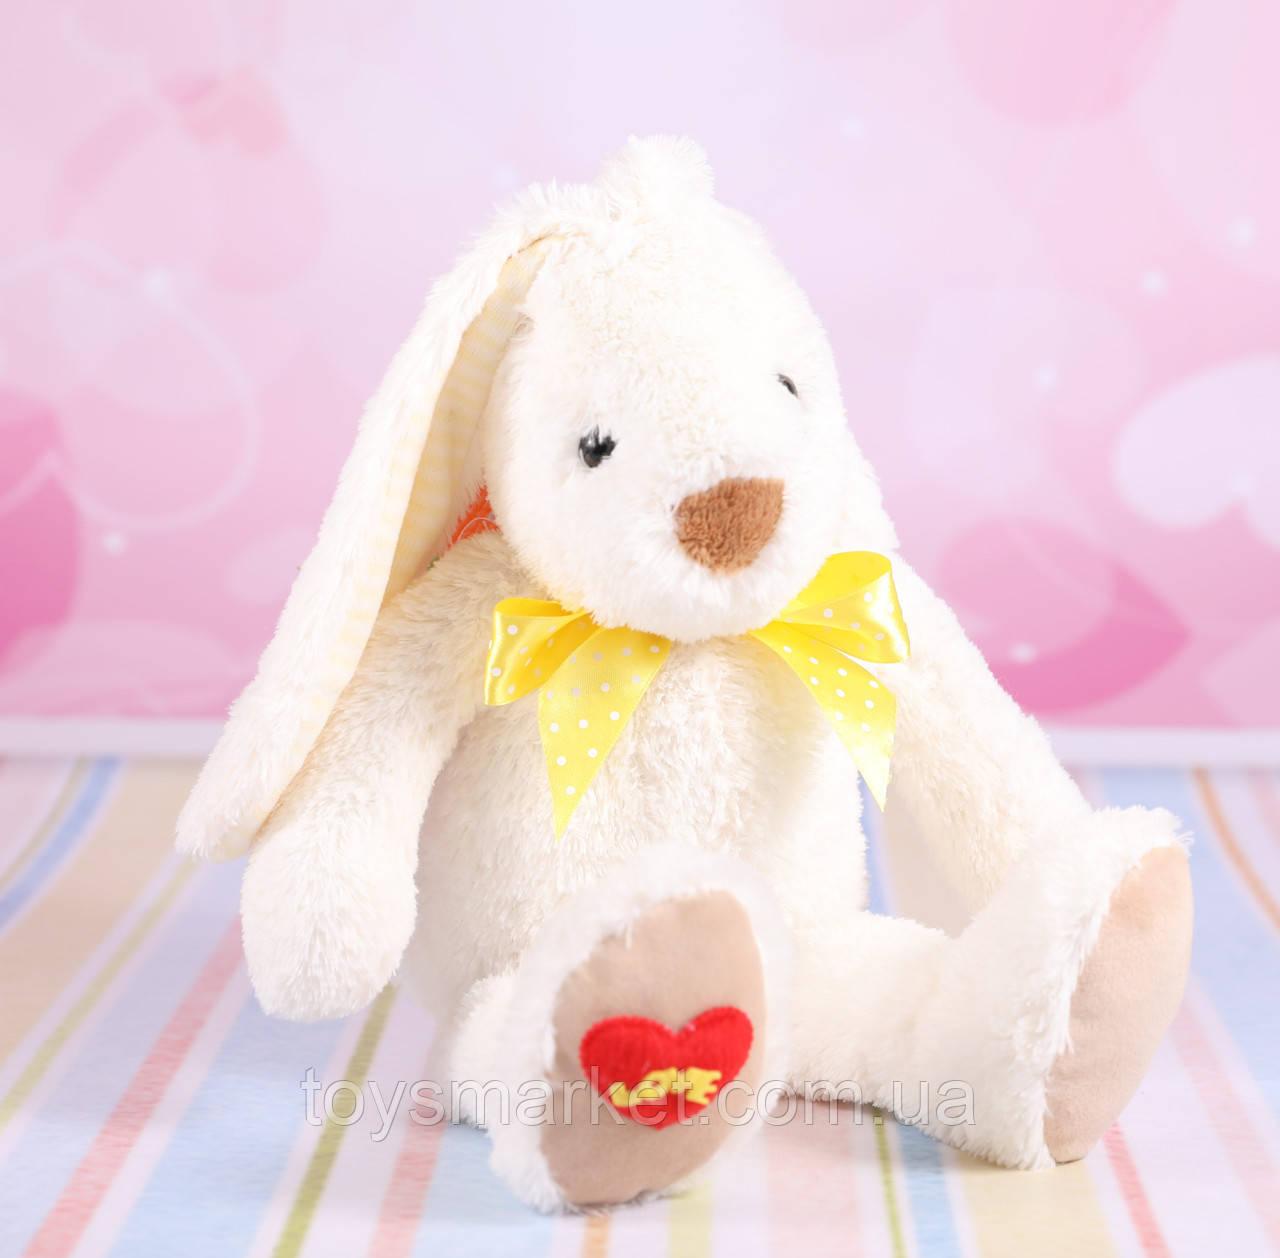 """Мягкая игрушка зайчик """"Ирен"""", плюшевый заяц, белый, 23 см."""